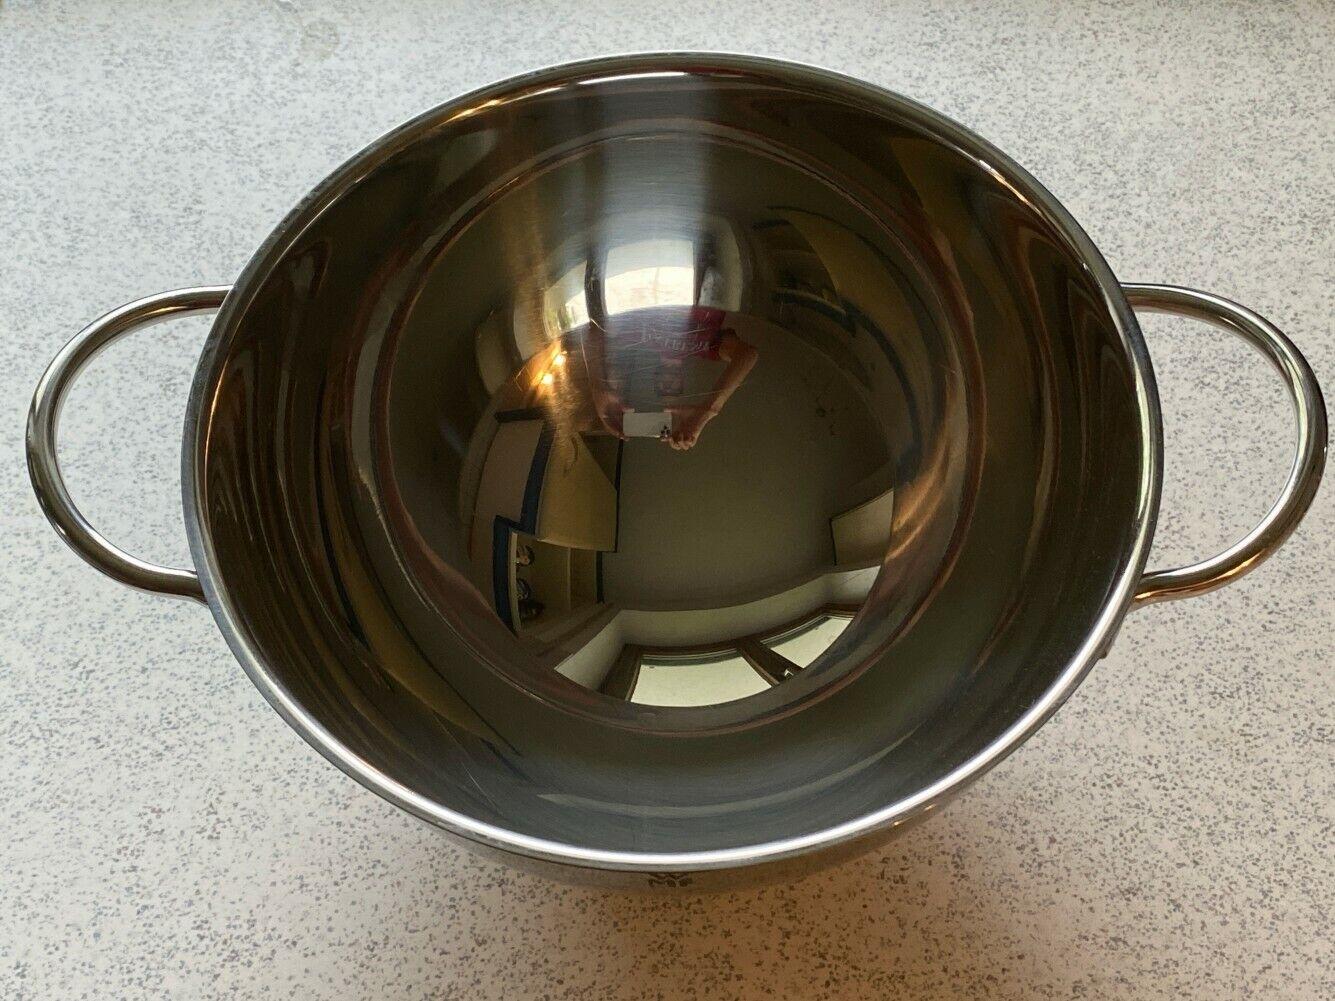 WMF Schüssel, Salatschüssel, Edelstahl auf Kunststoff-Fuß